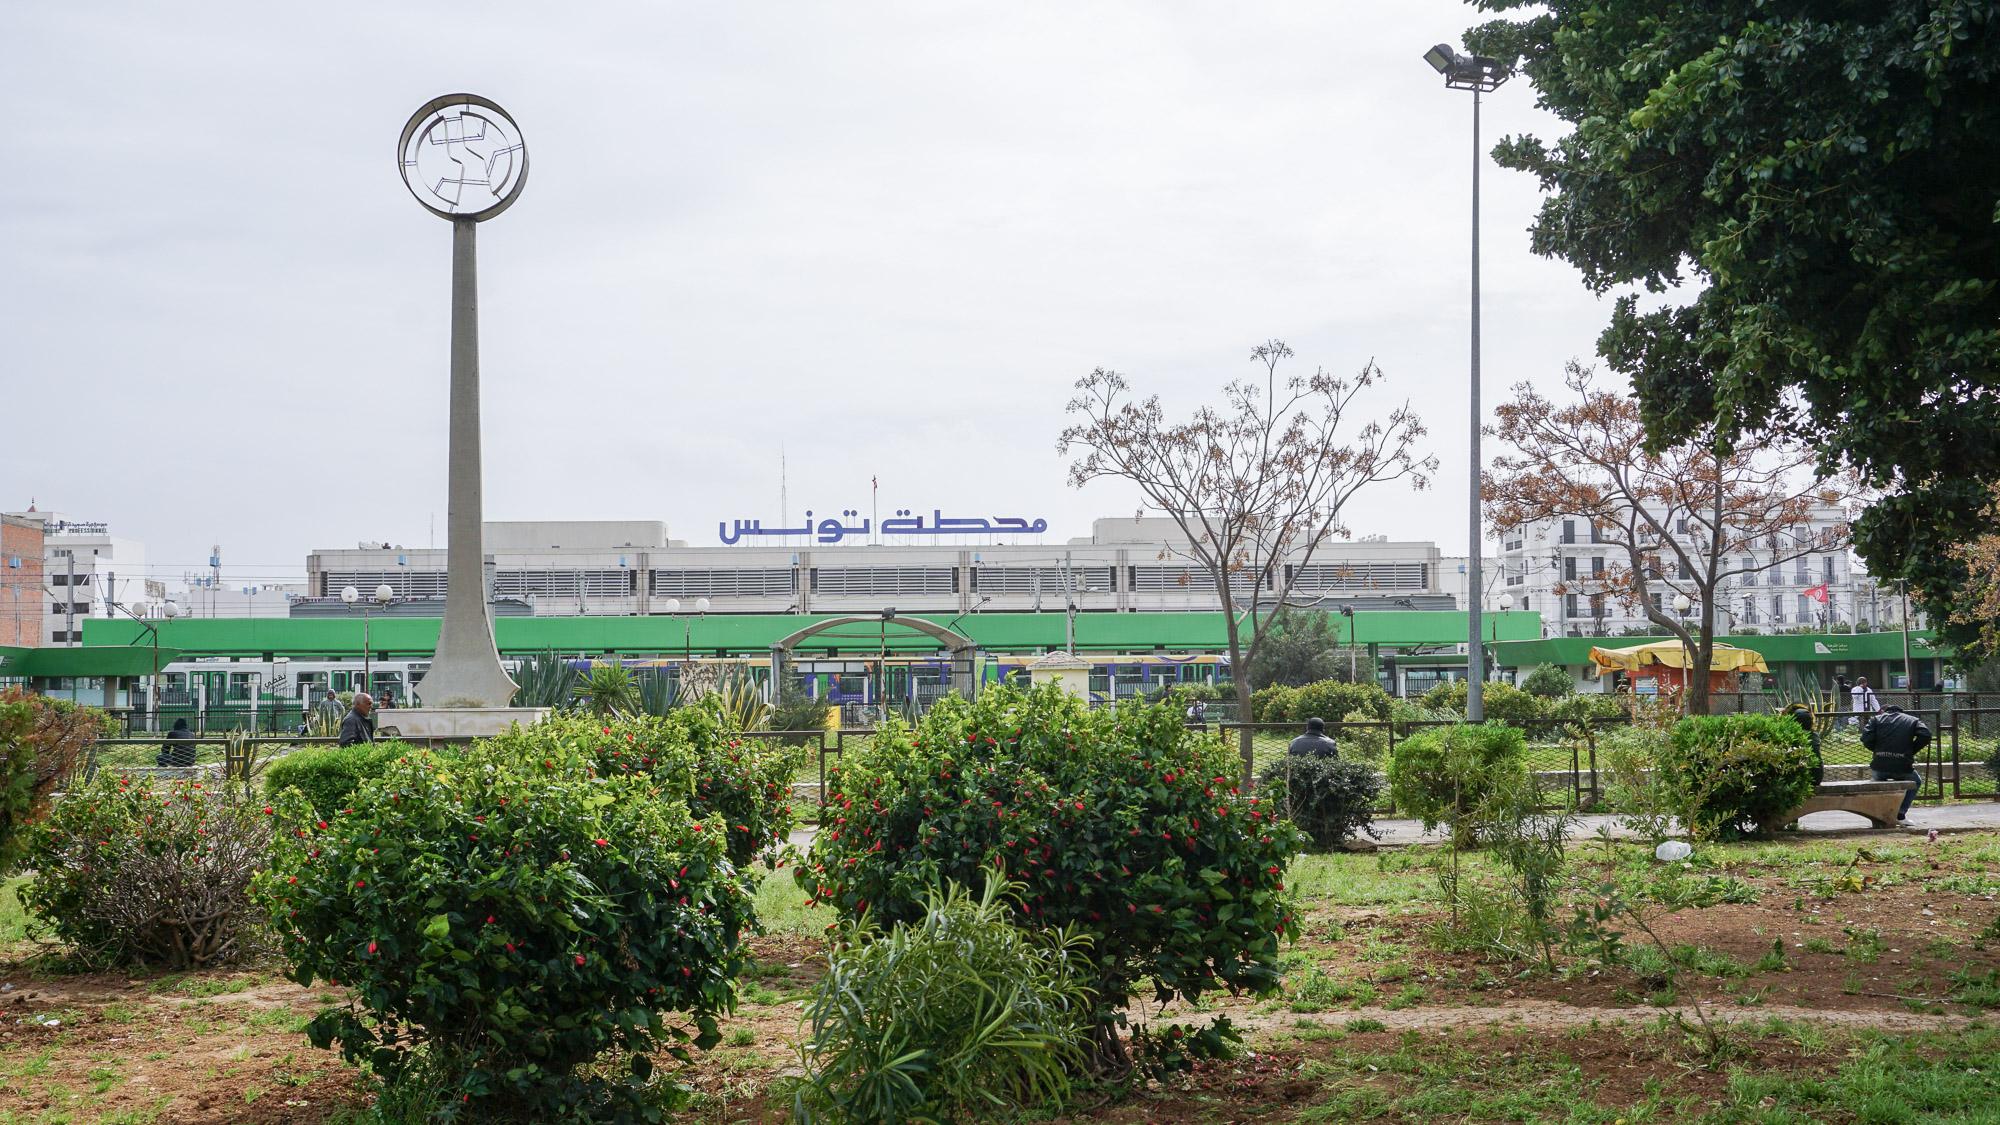 grüne Büsche, im Hintergrund der moderne Hauptbahnhof